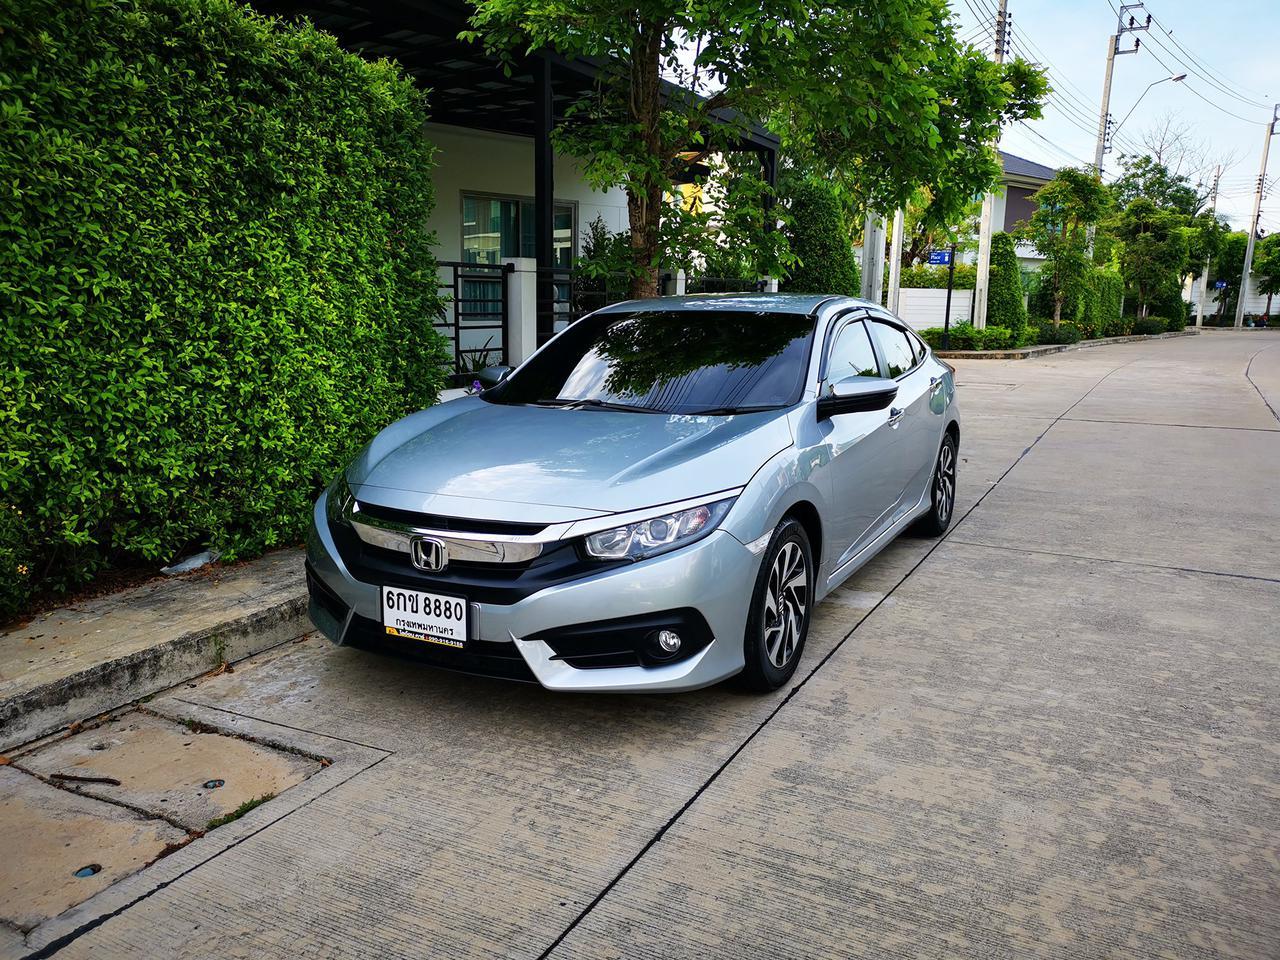 ขายรถ ฟรีดาวน์ Honda Civic รุ่นท๊อปสุด 1.8 EL ปี 2017 ไมล์แท้ เข้าศูนย์ตลอด มือเดียวจากป้ายแดง รูปที่ 1